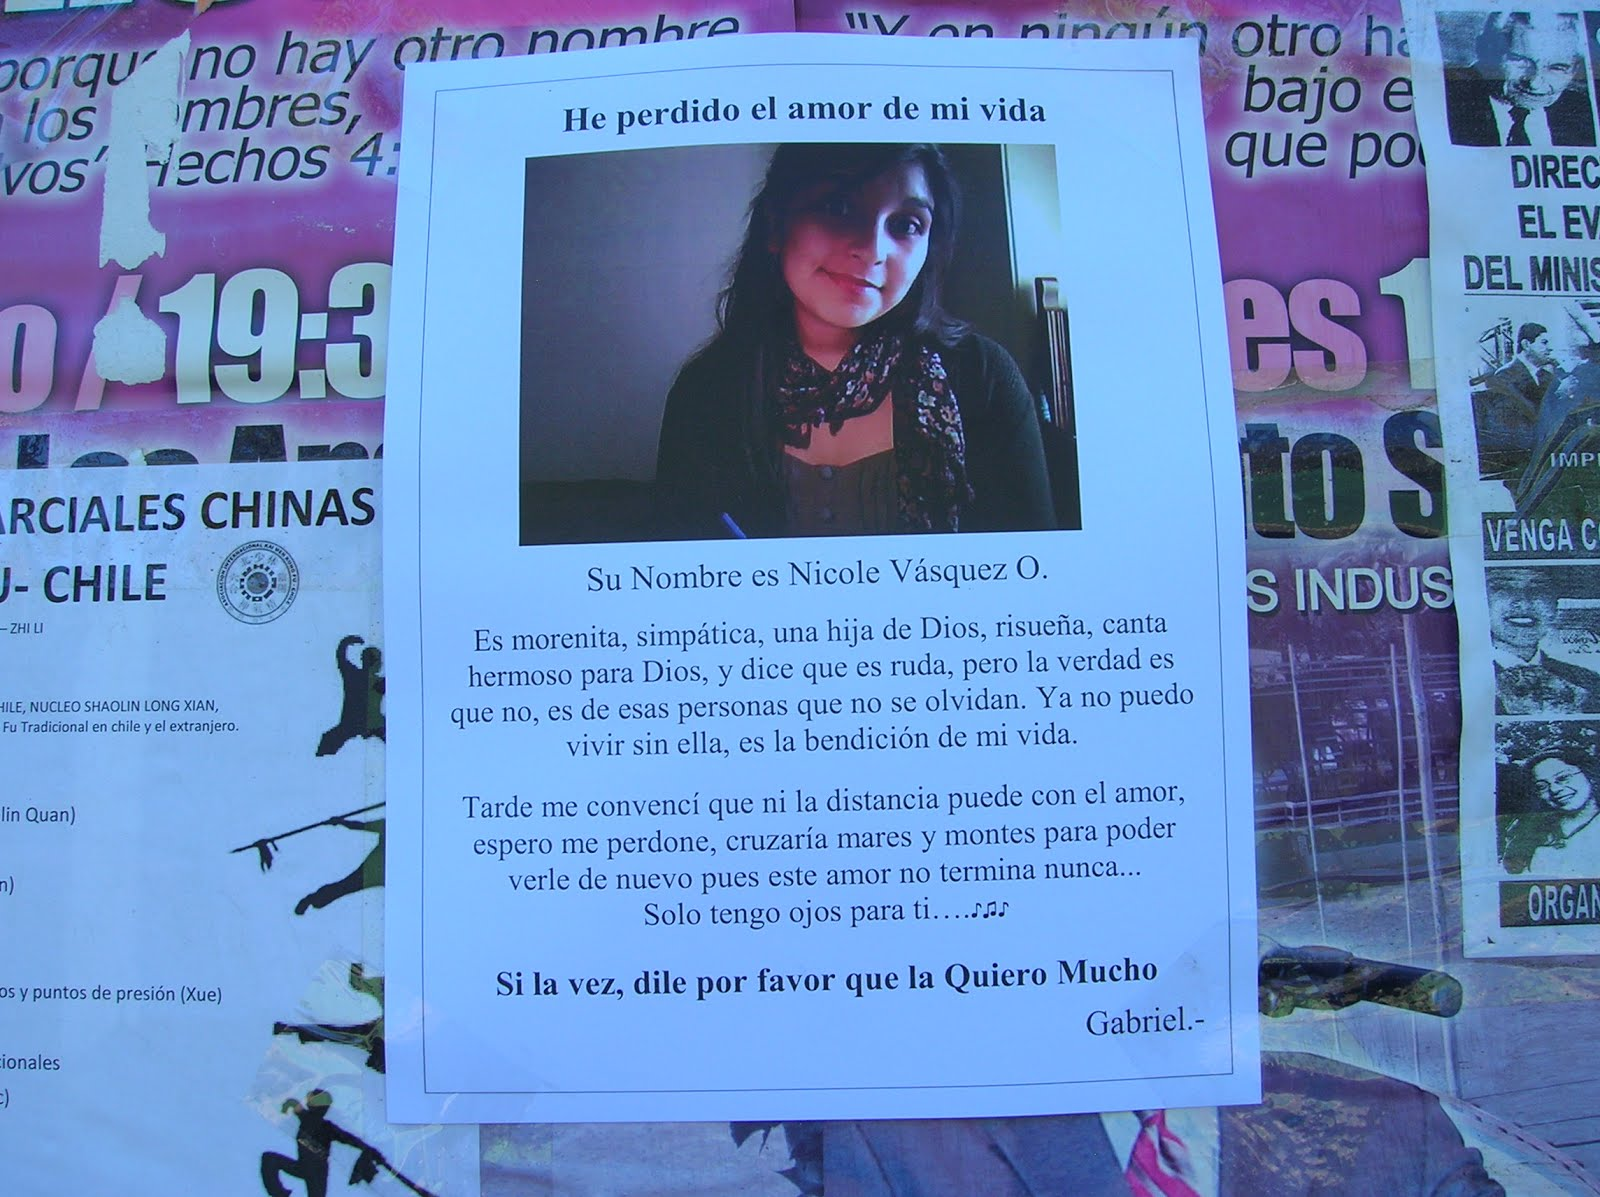 Cartel romántico, Los Angeles, Chile, vuelta al mundo, round the world, La vuelta al mundo de Asun y Ricardo